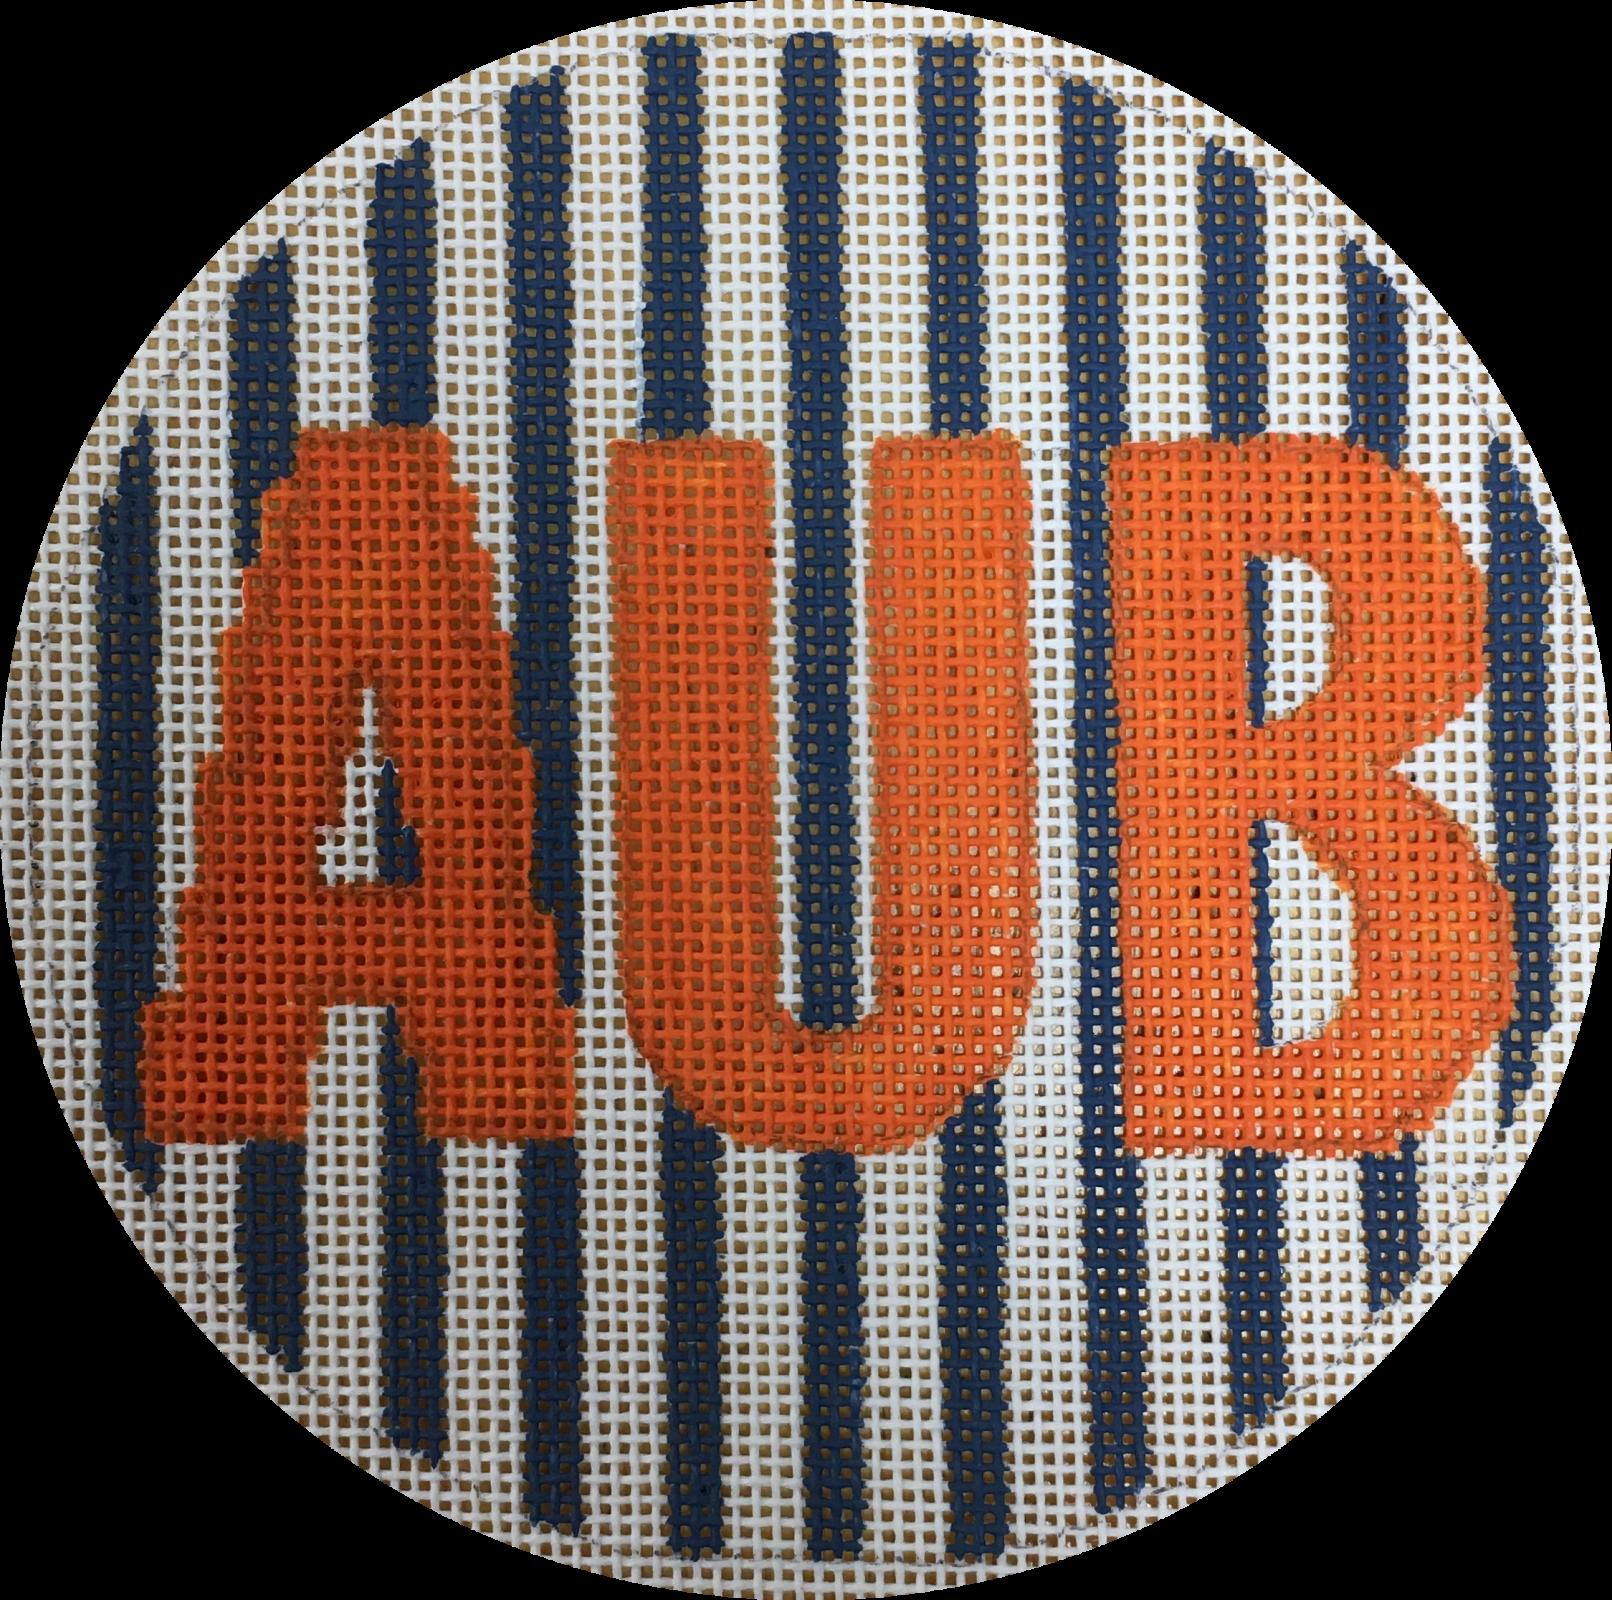 AUB round